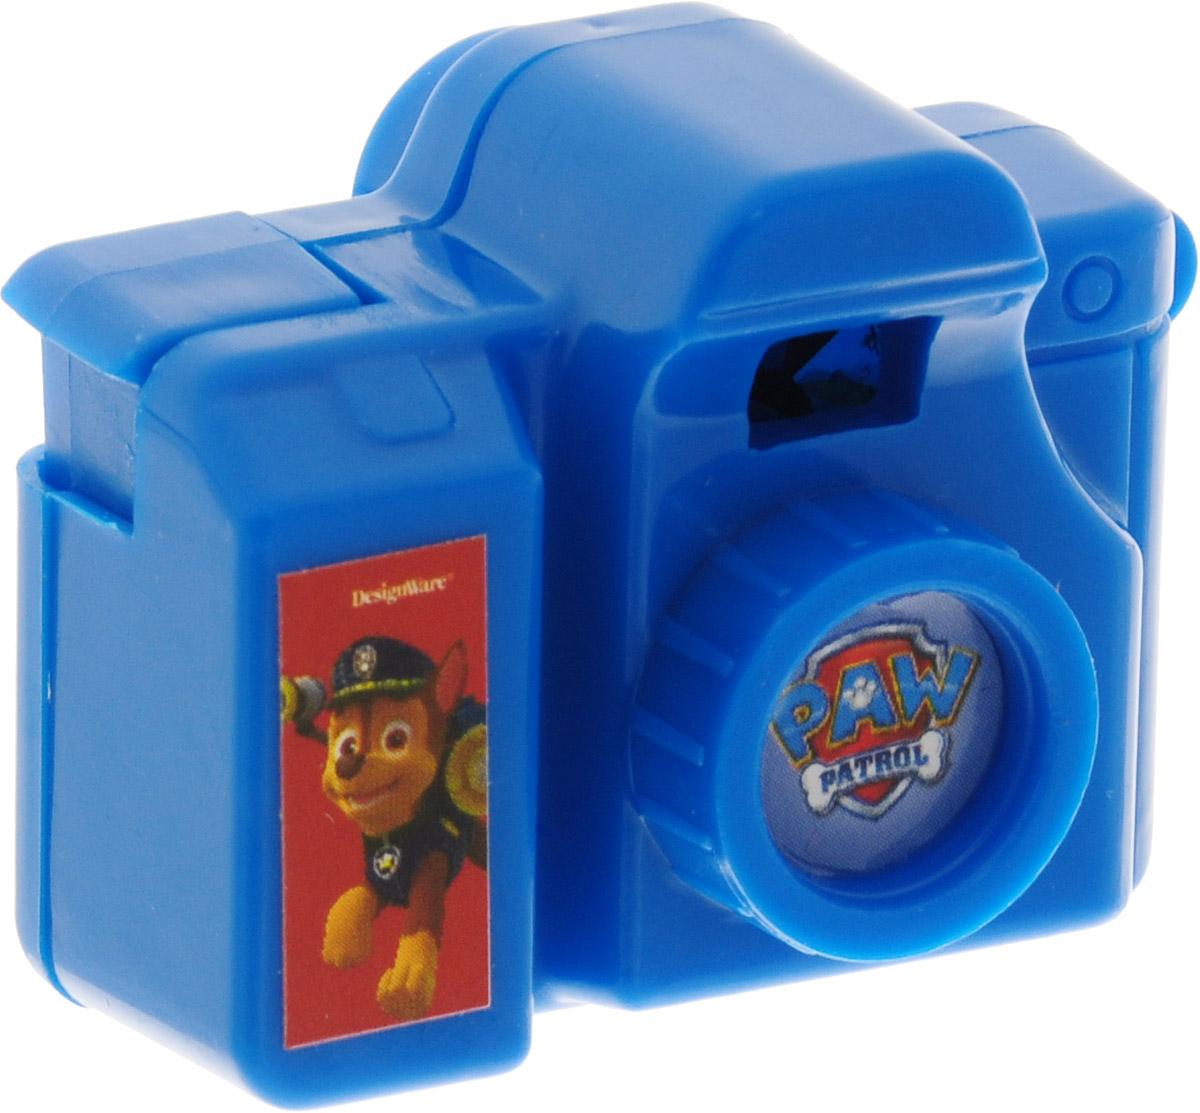 Веселая затея Фотоаппарат Щенячий Патруль компактный фотоаппарат